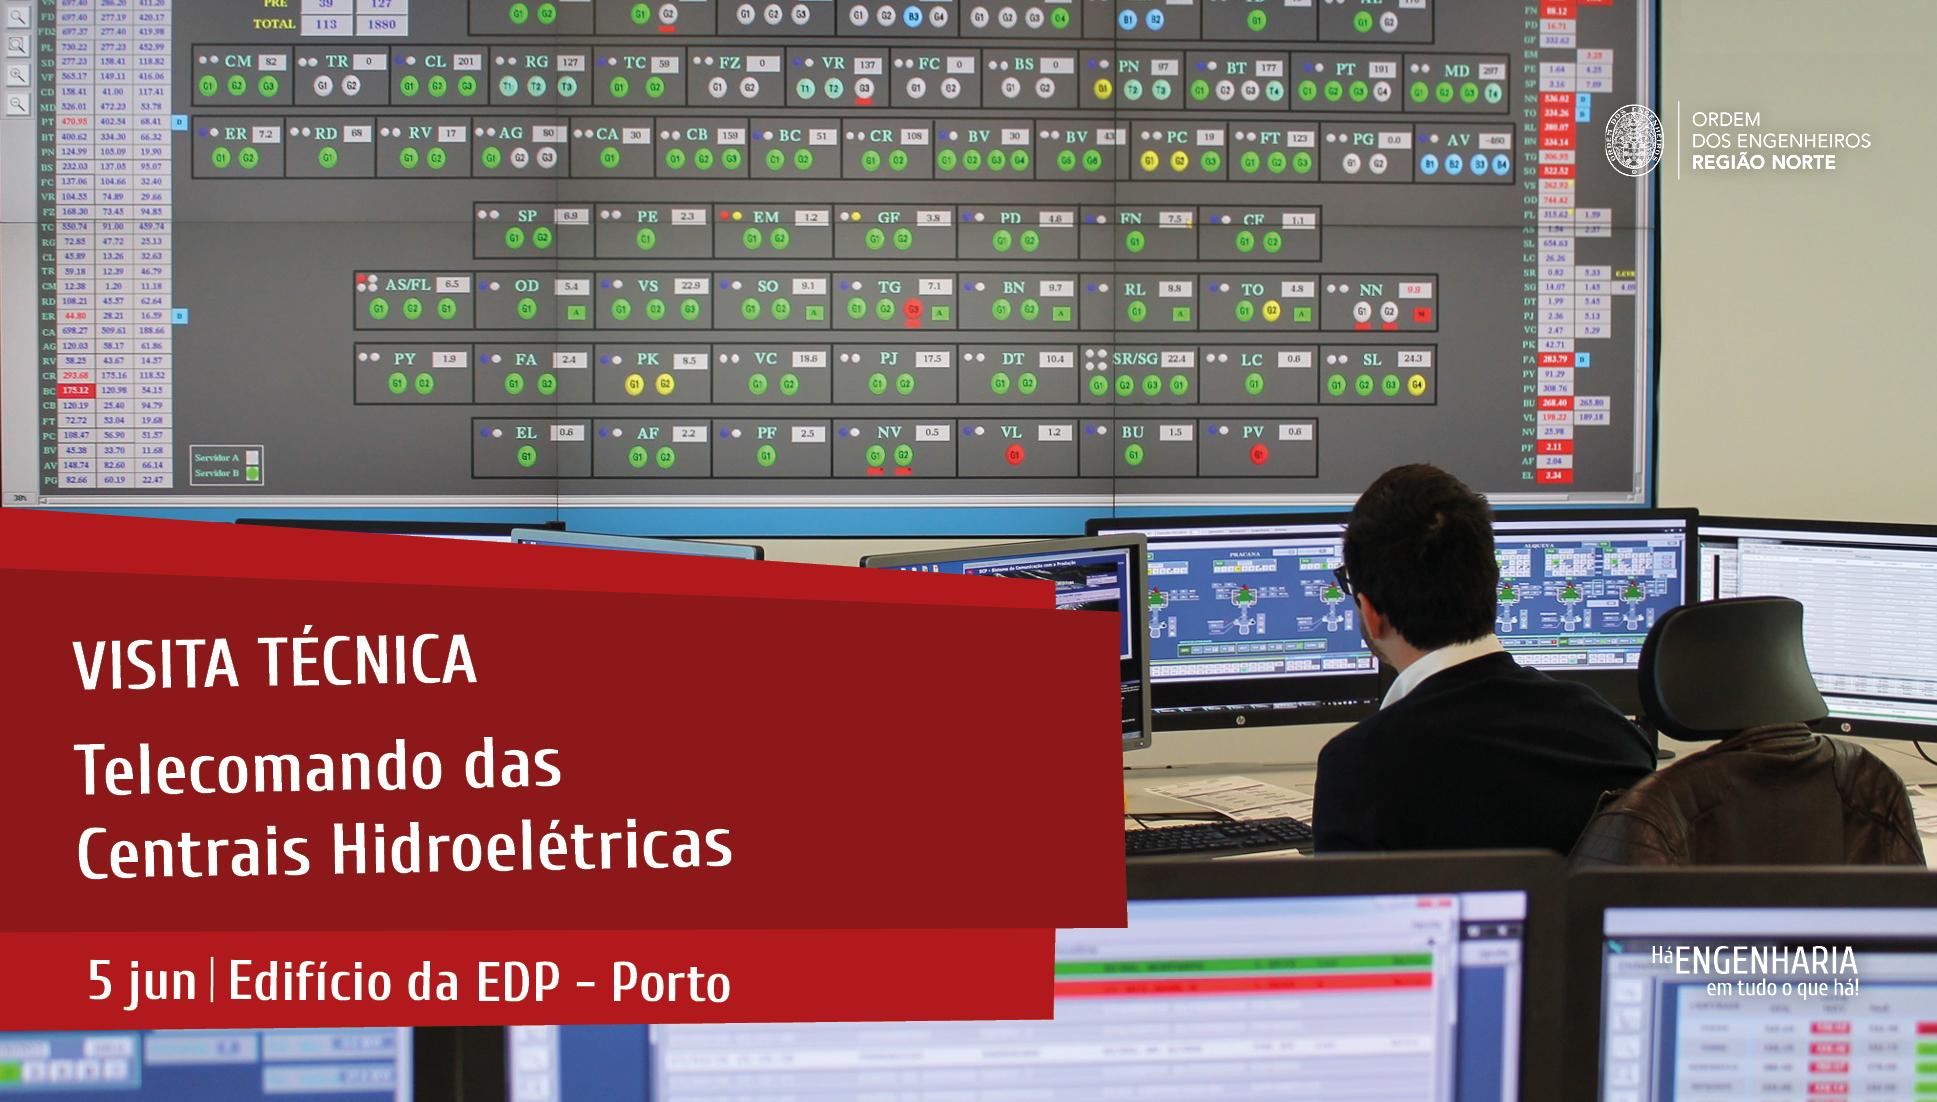 Plataforma Notícias Ordem Engenheiros Região Norte - Visita Técnica ao Telecomando das Centrais Hidroelétricas